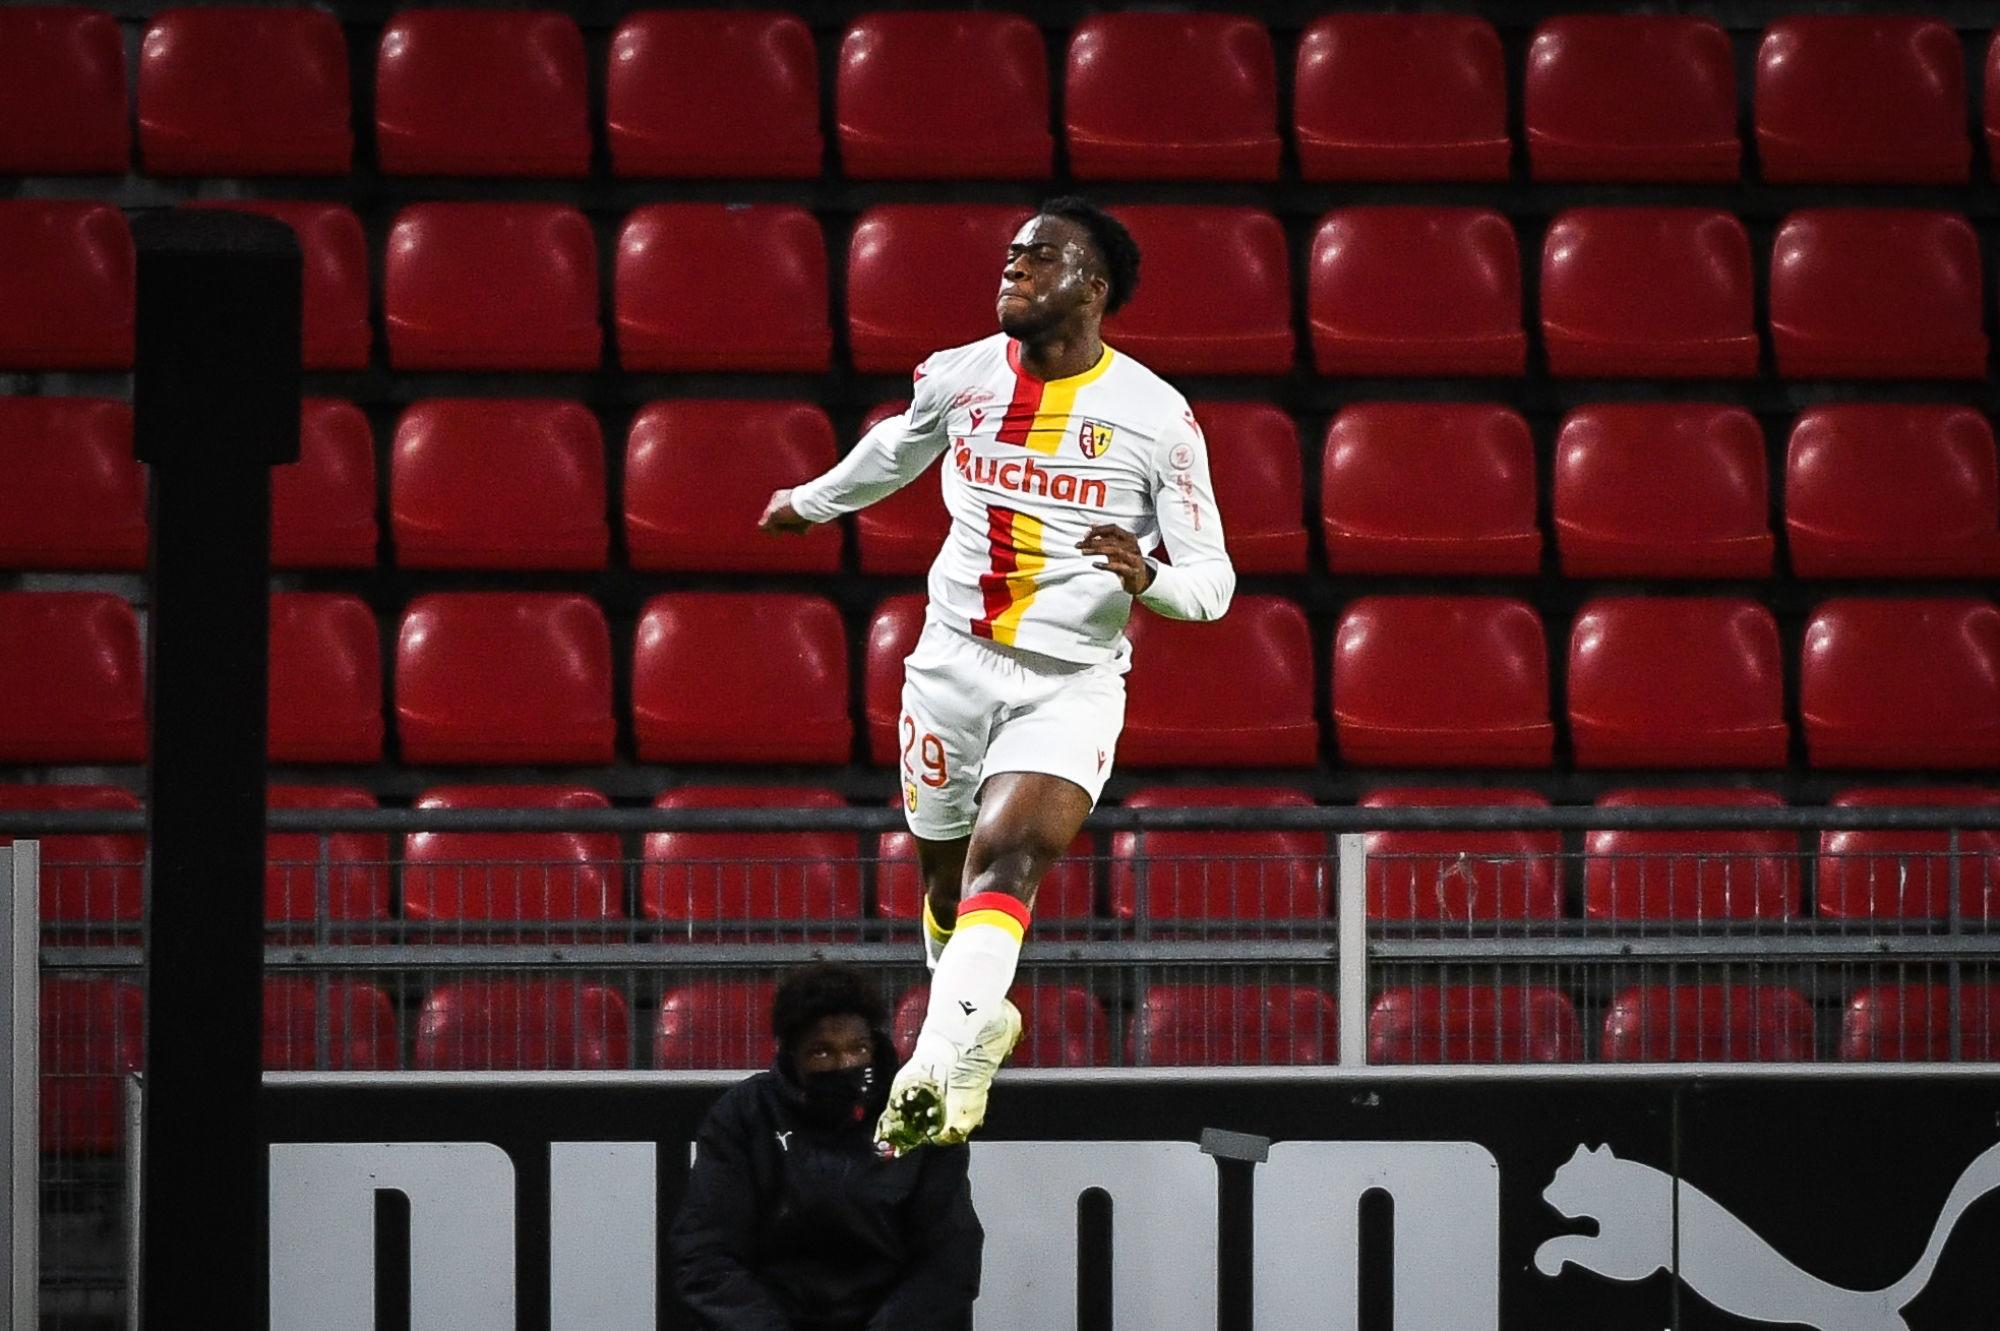 Officiel - Kalimuendo revient au PSG après son prêt au RC Lens